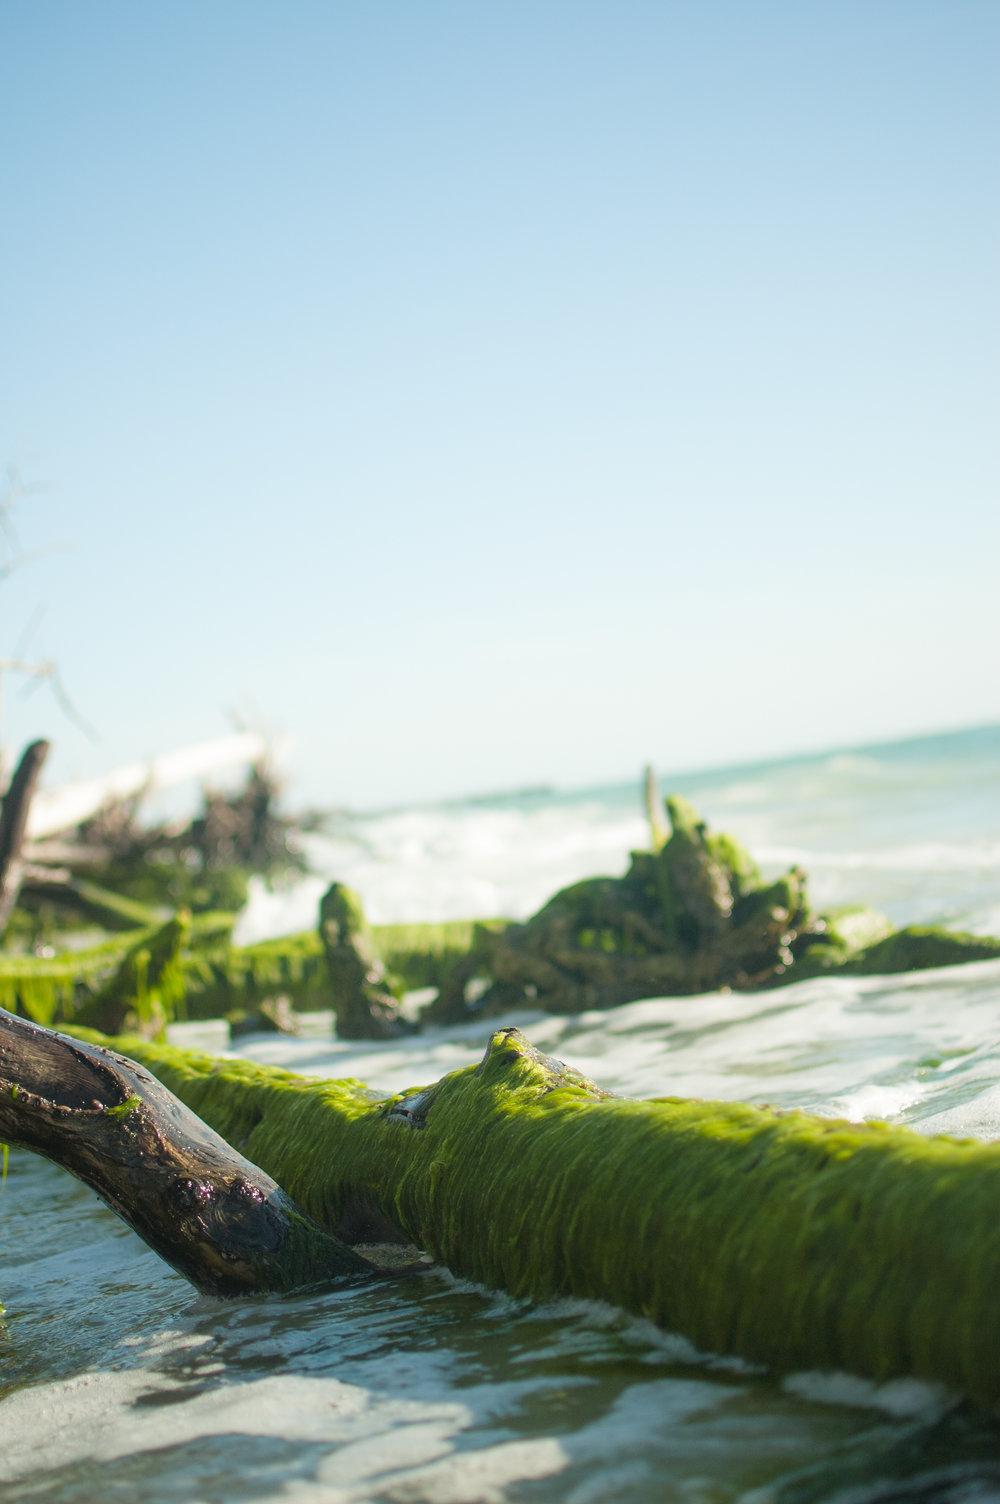 seaweed edit-7928.jpg